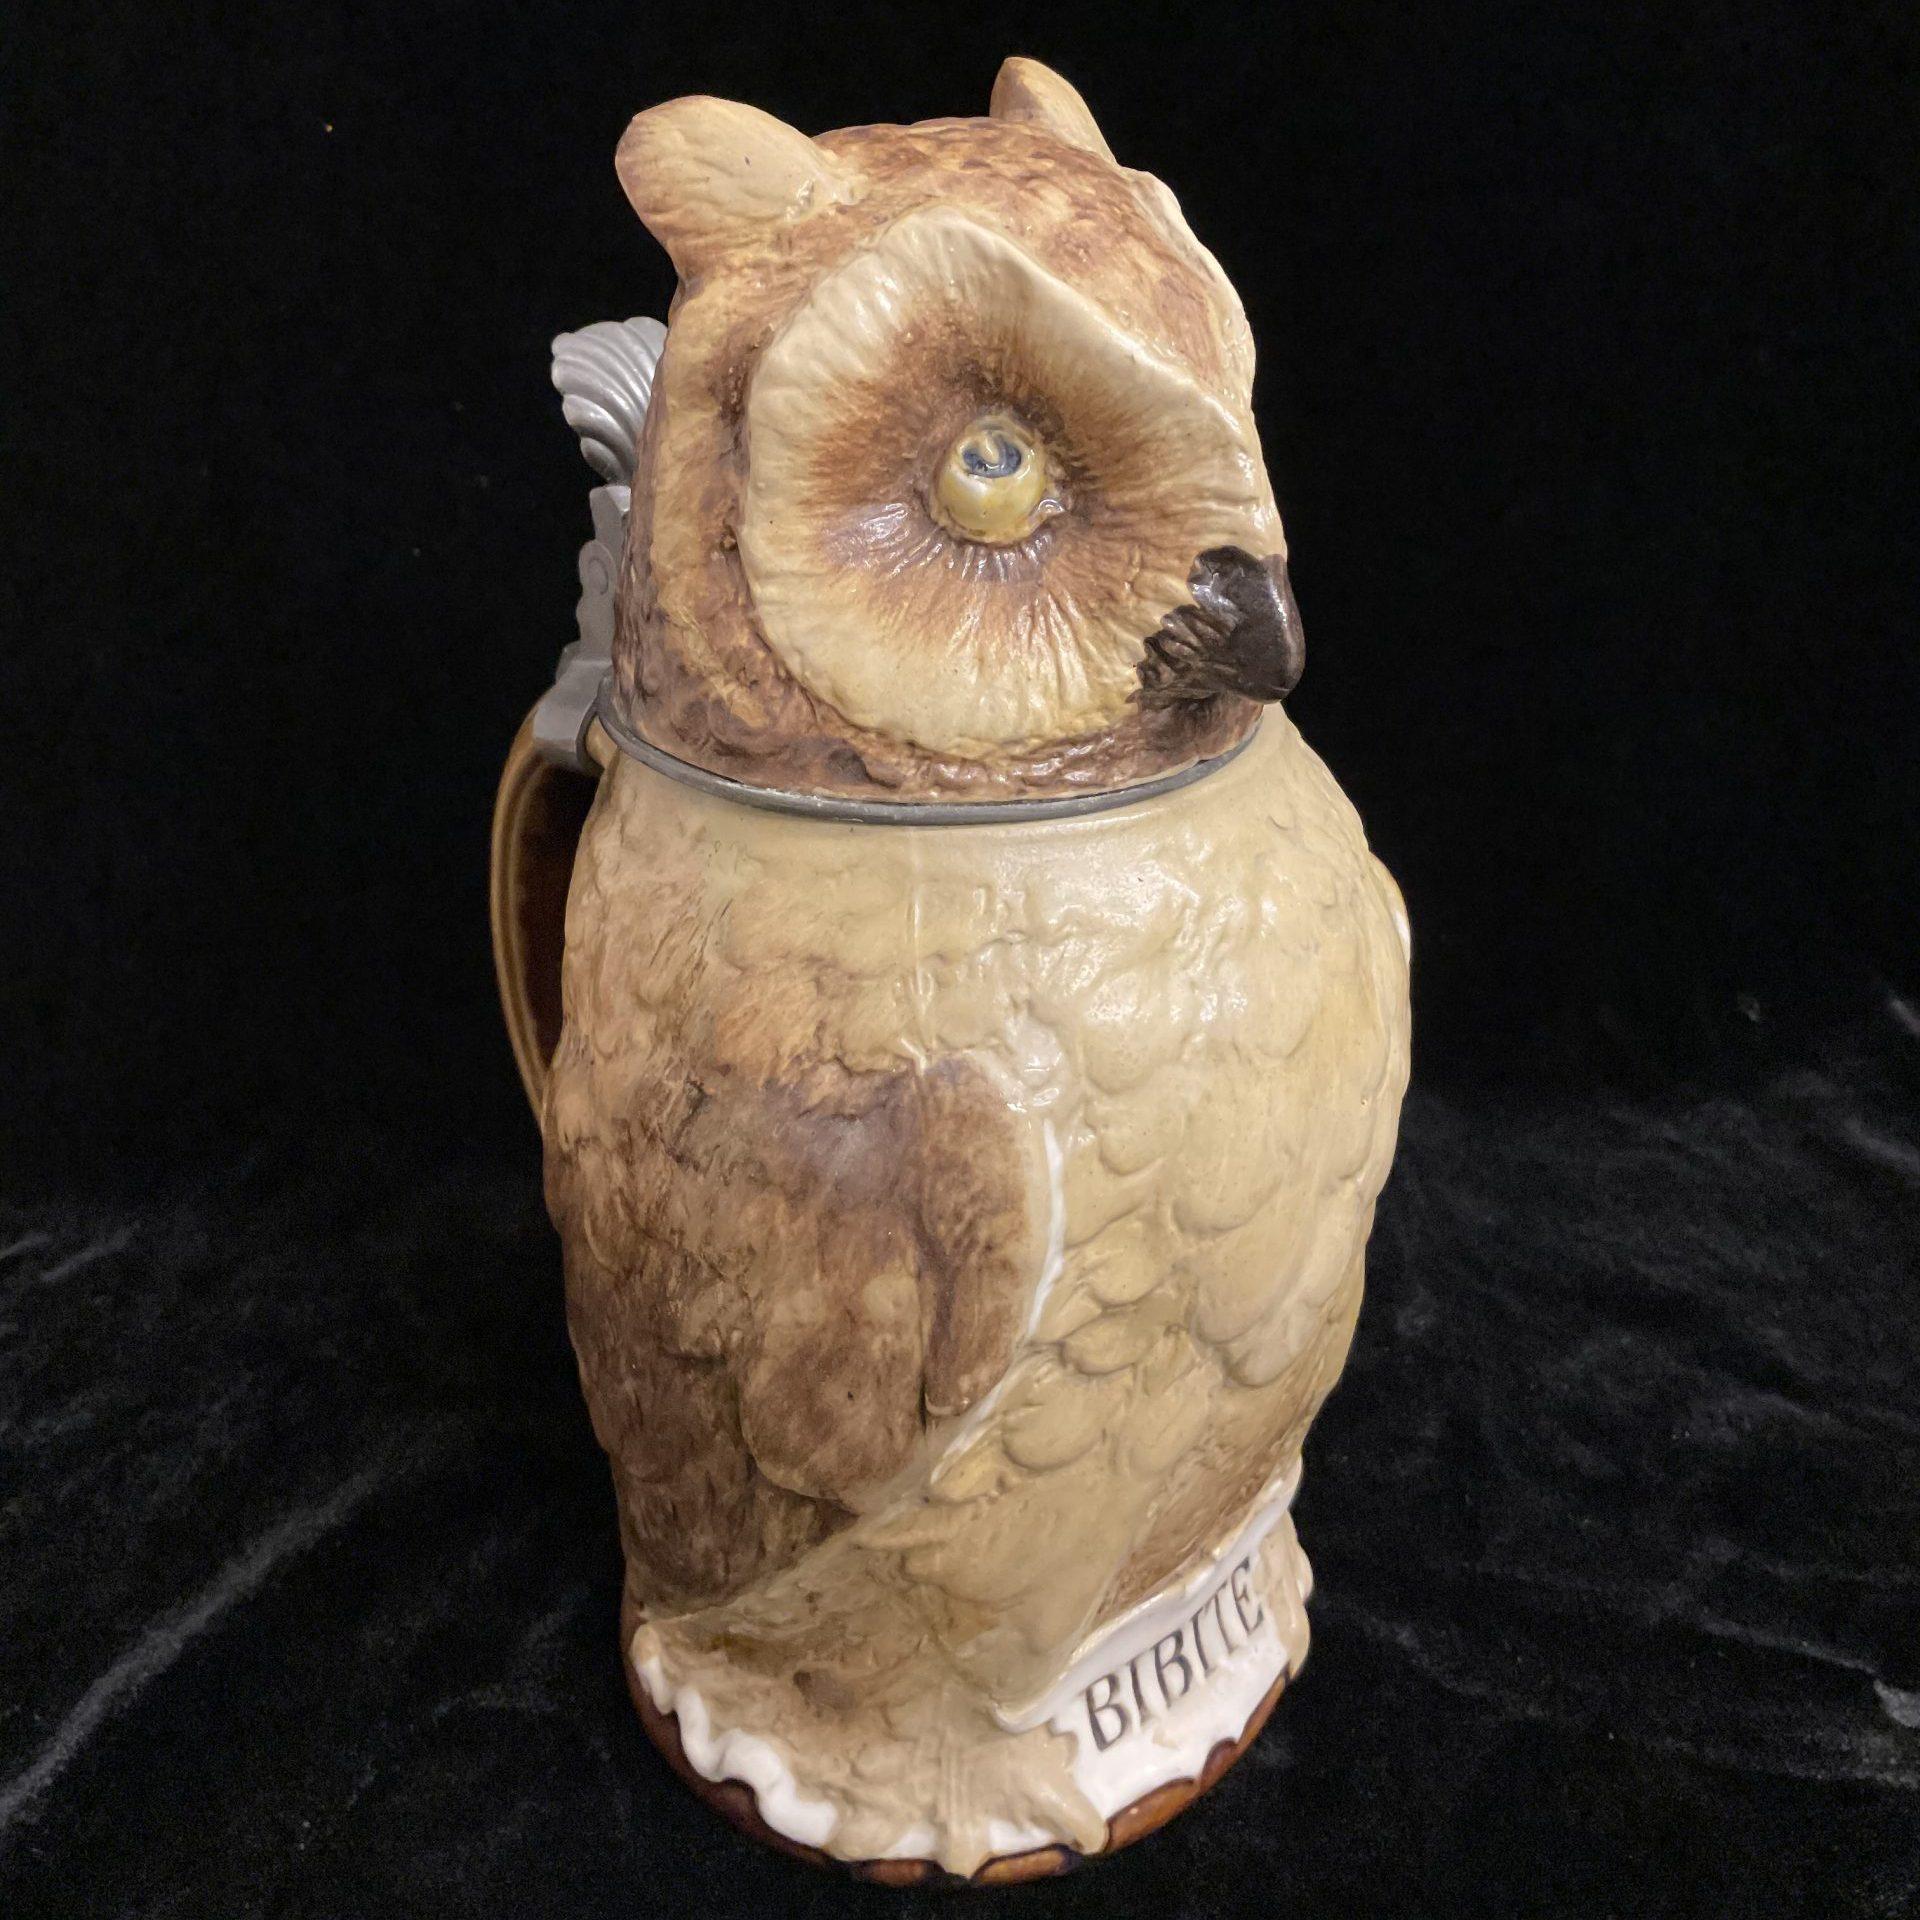 Trinkkrug Eule Villeroy&Boch Mettlach • Antiquitäten